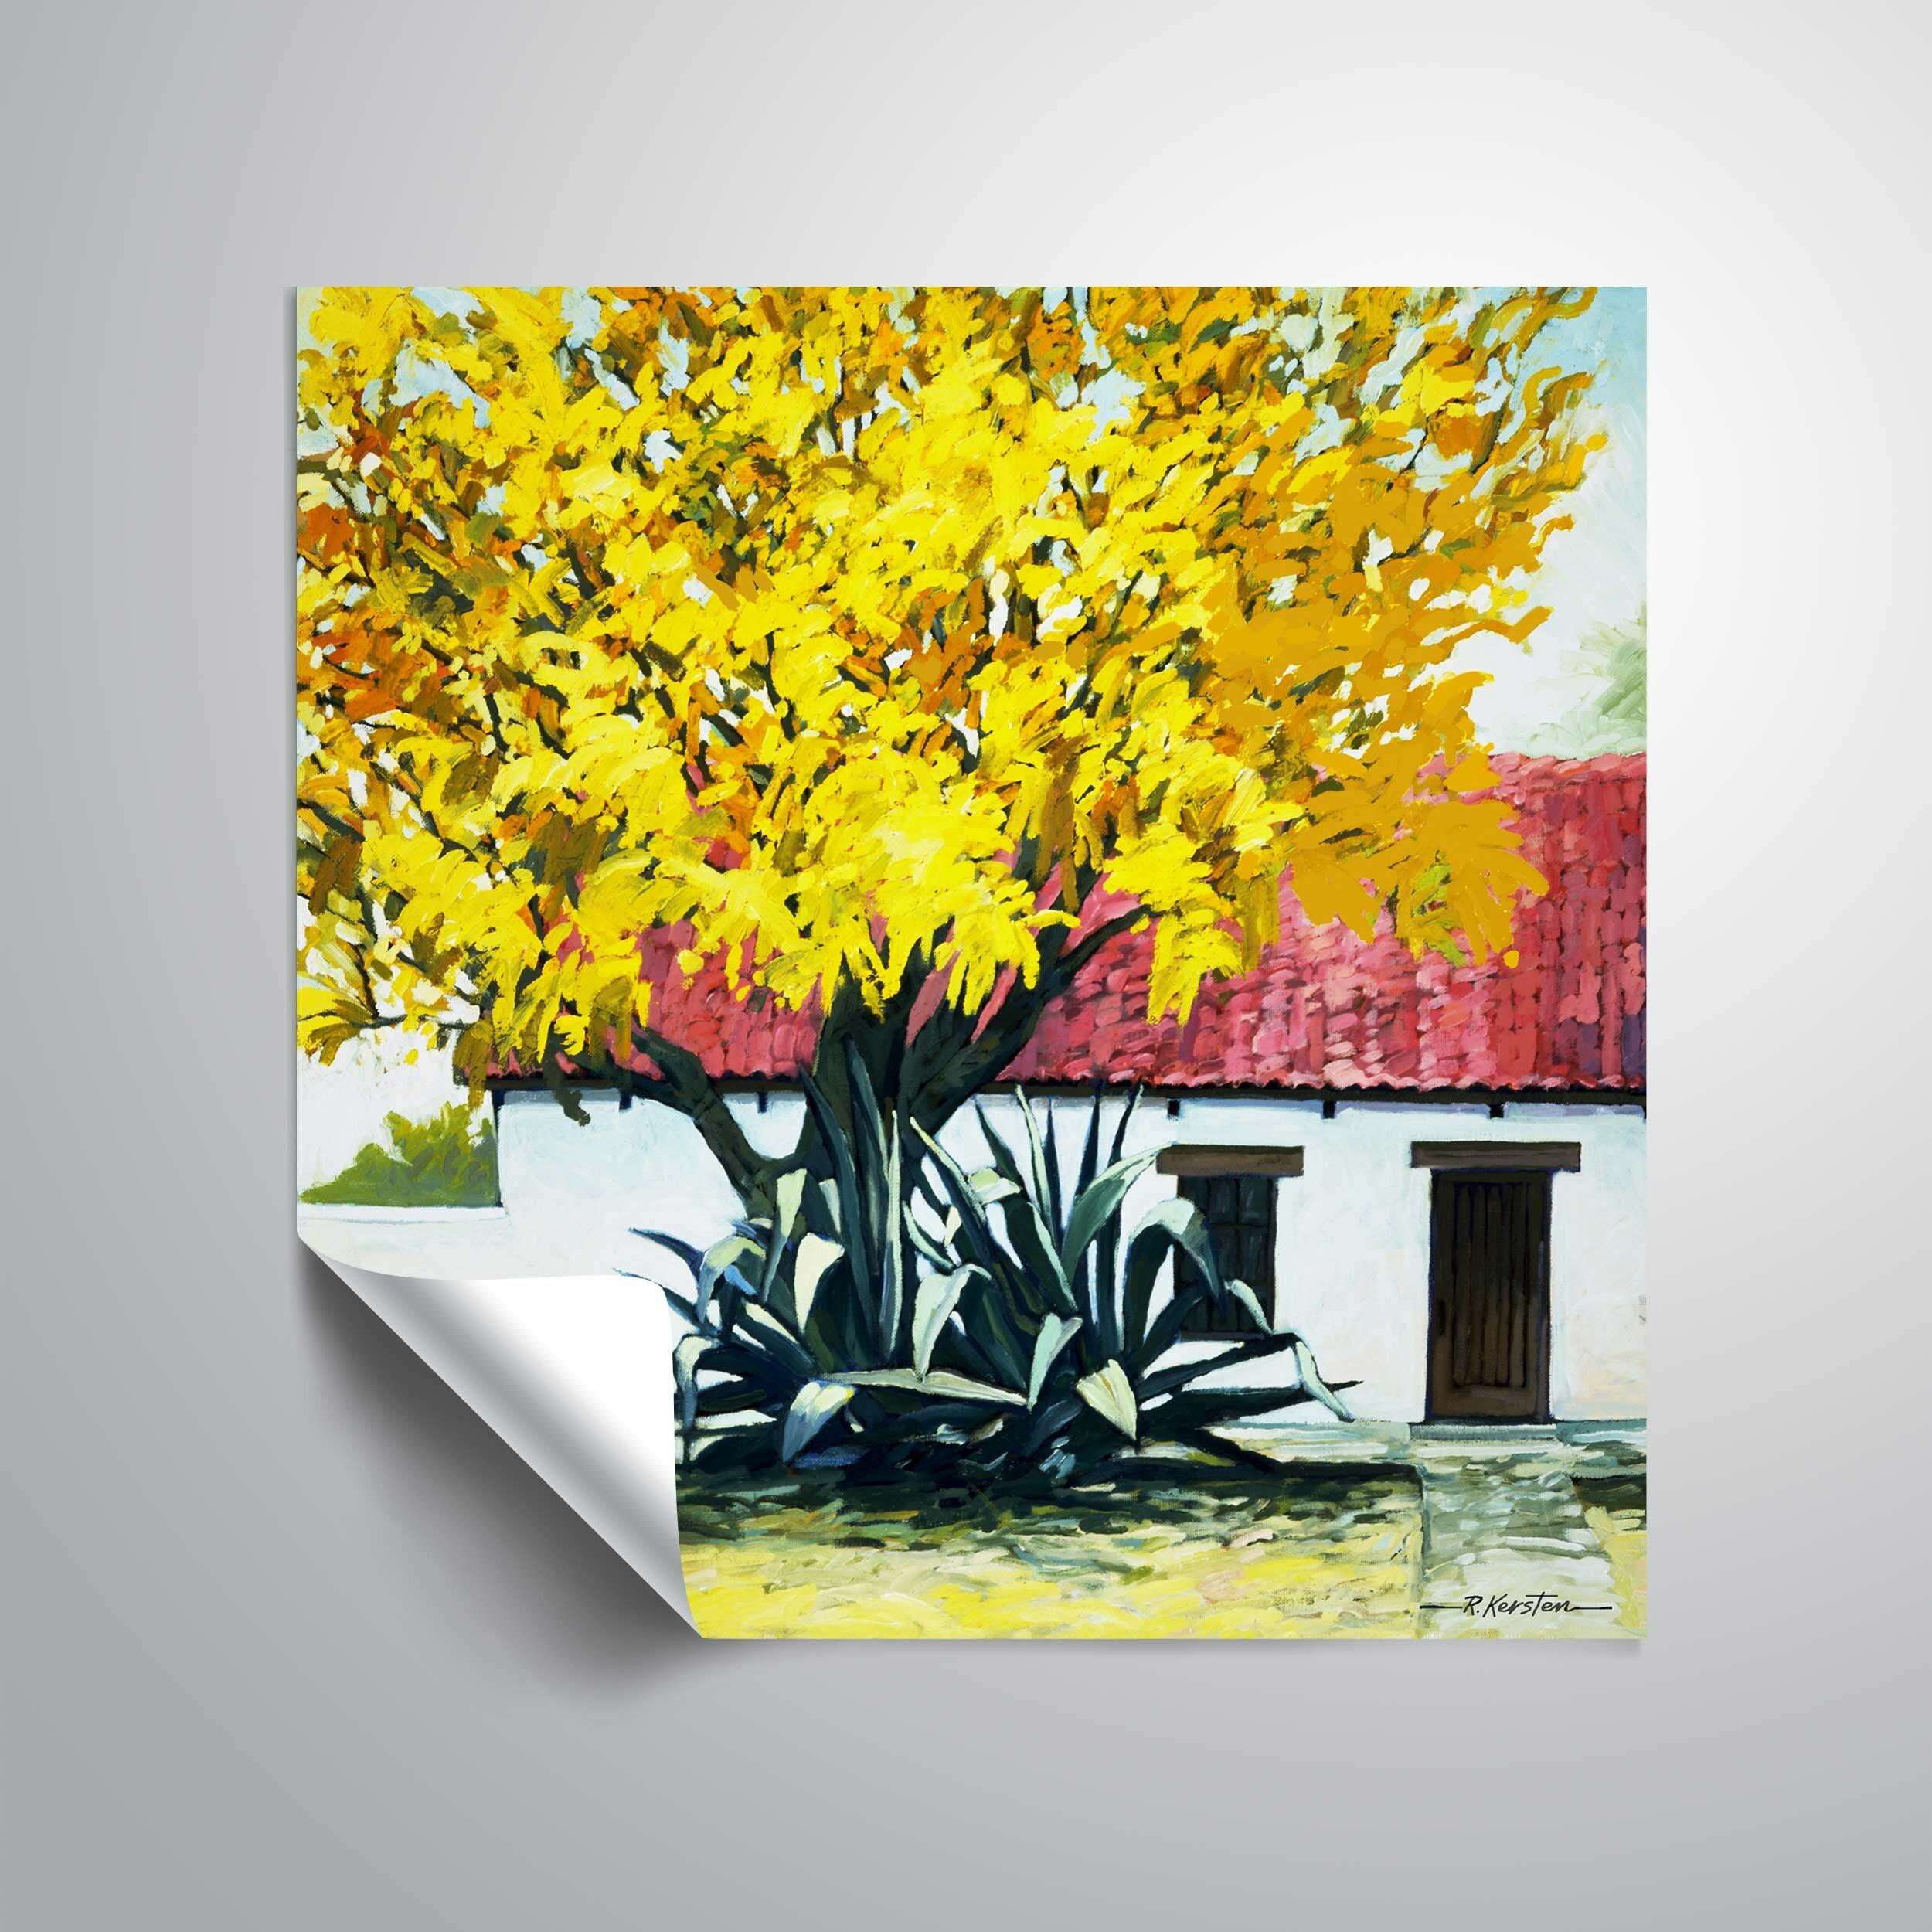 ArtWall Palo Verde Wall Mural | Wayfair